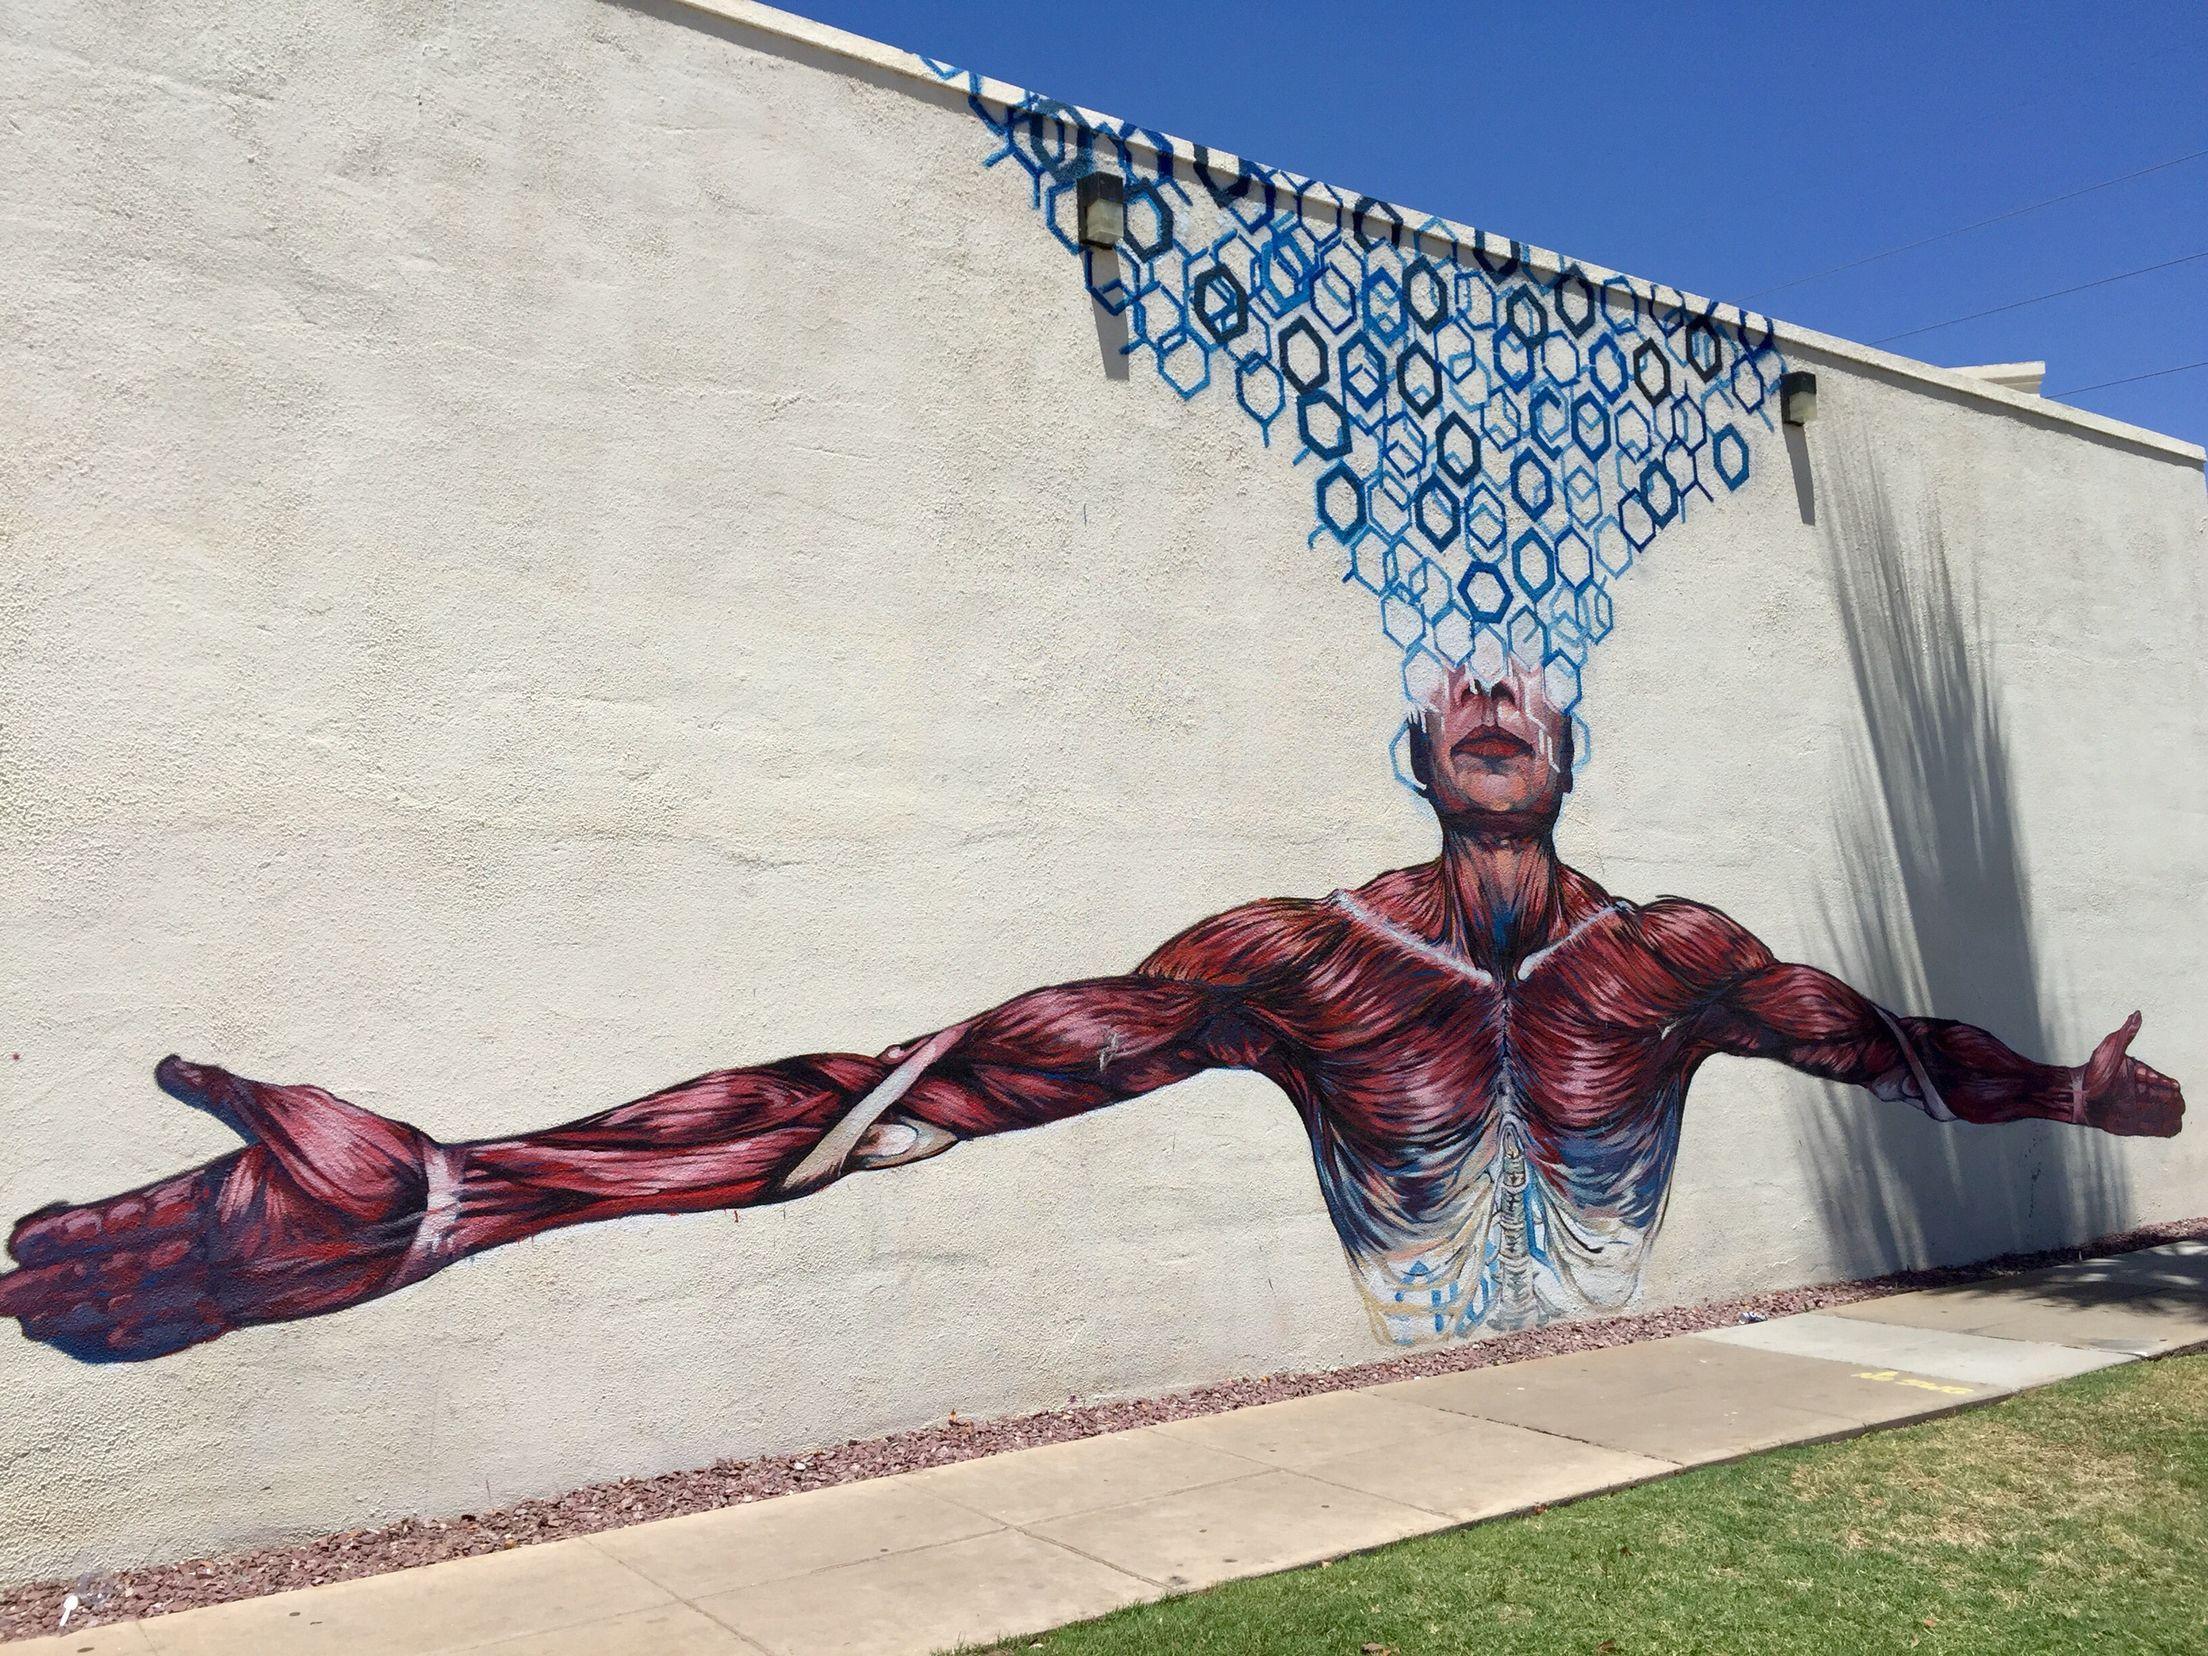 Roosevelt Row Art S District Downtown Phoenix Phoenix Az Wallart Urban Art Mural Street Art Mural By B Urban Art Street Chalk Art Street Artists